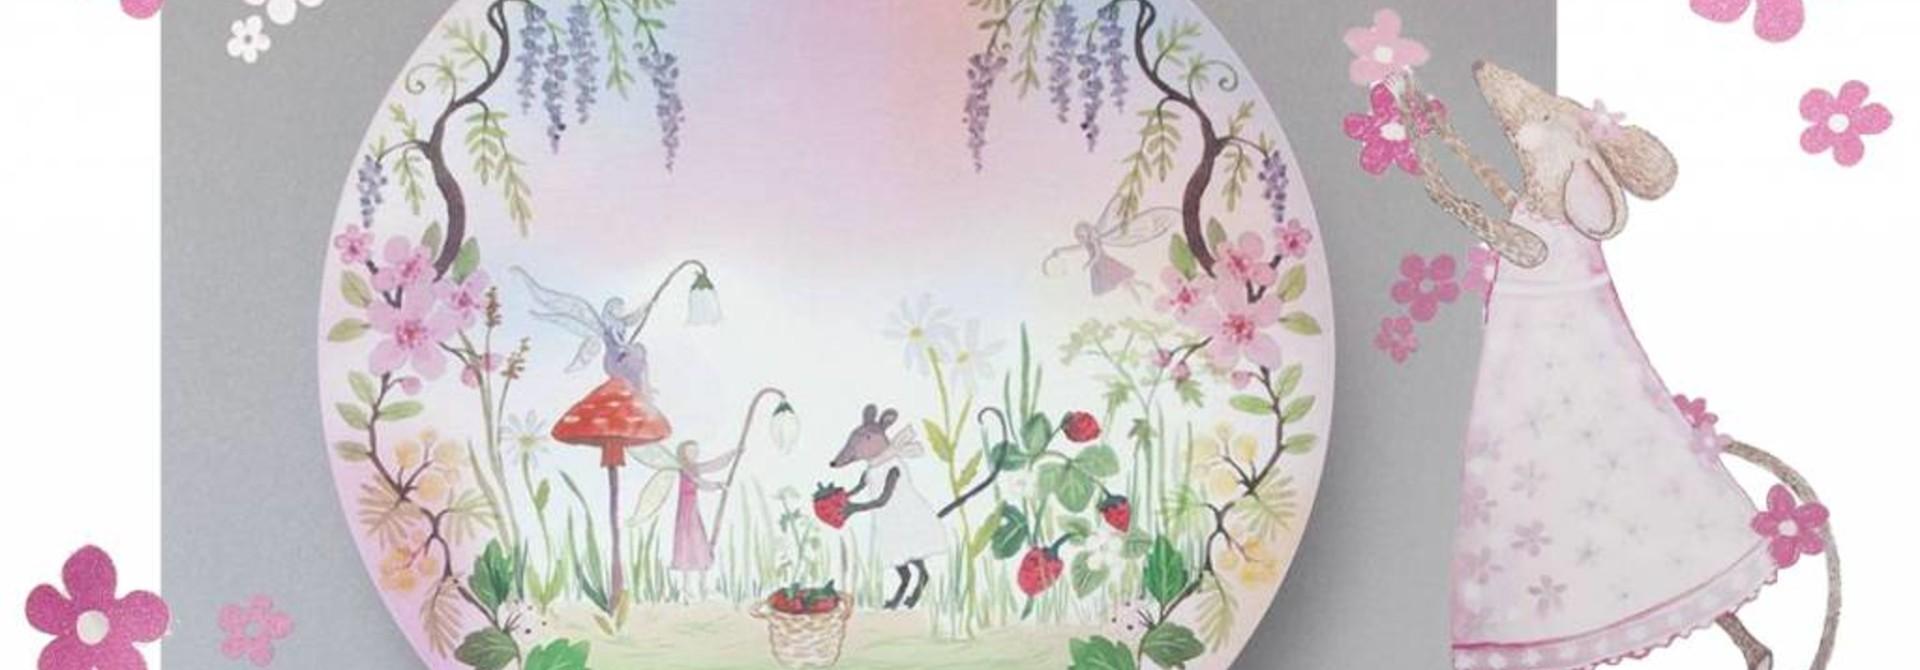 Een wilde aarbeien plukkende kleine muis en haar elfjes vriendinnen